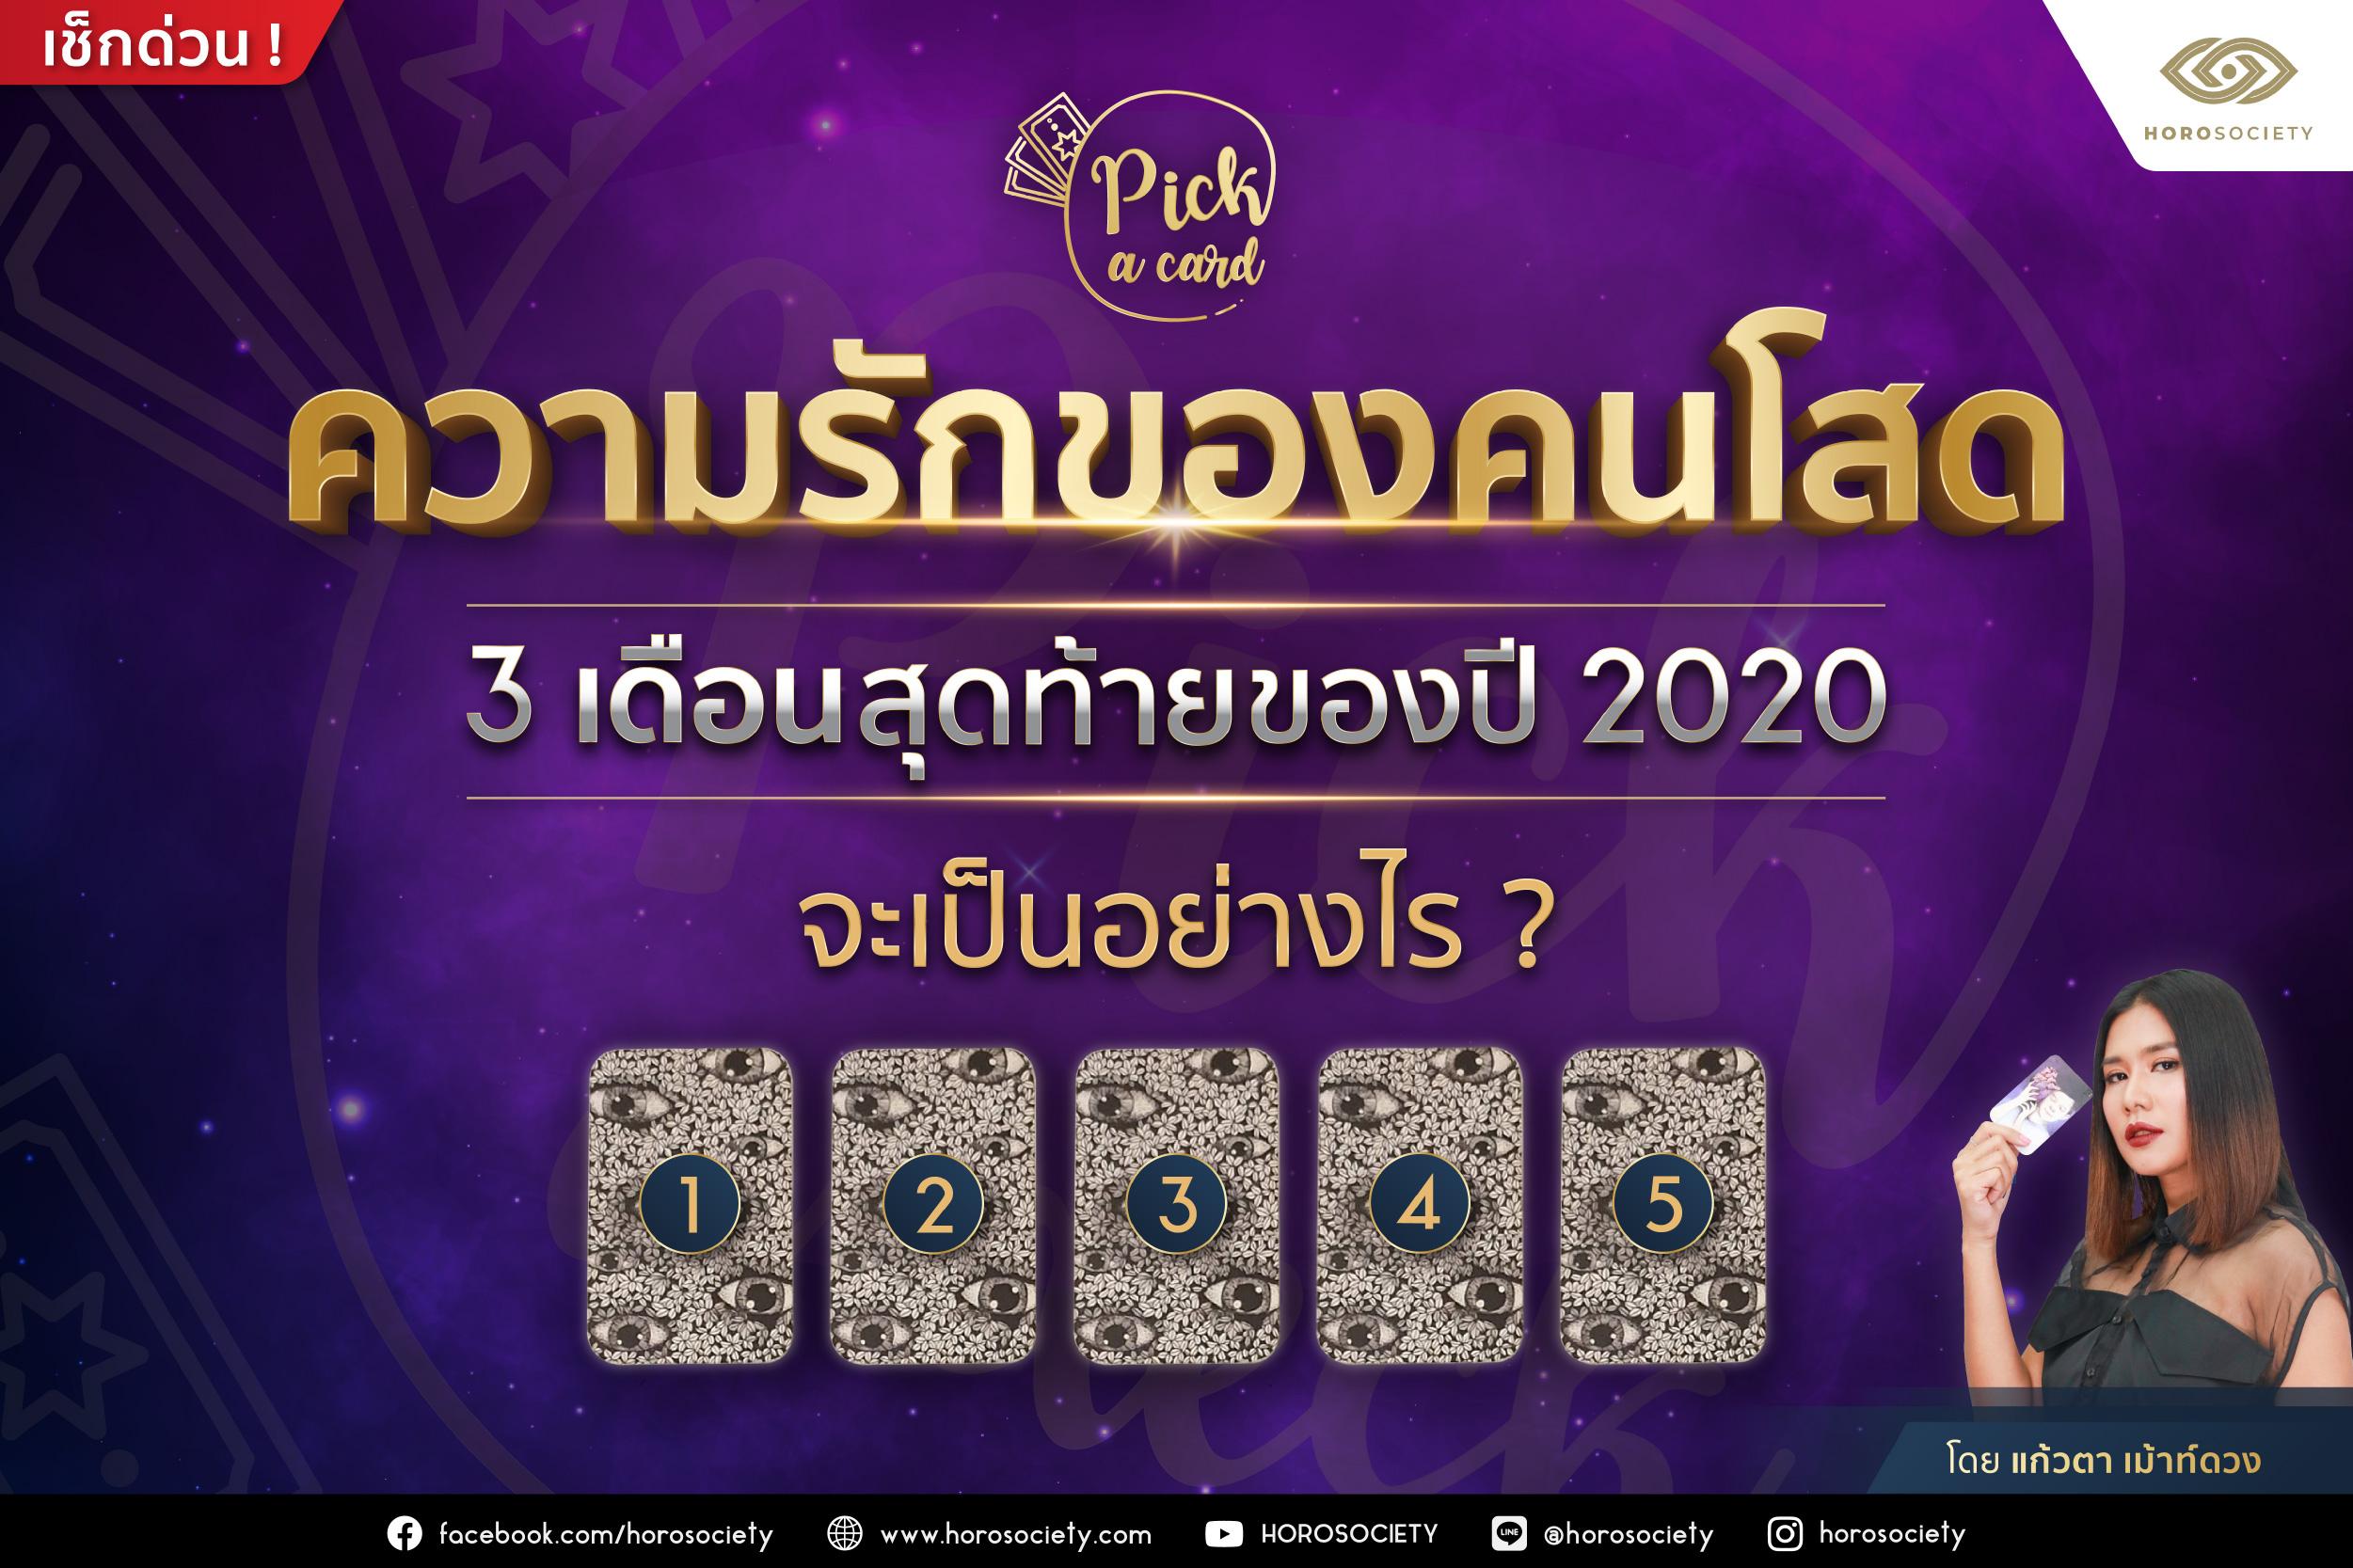 Pick a card ความรักของคนโสด 3 เดือนสุดท้ายของปี 2020 จะเป็นอย่างไร?